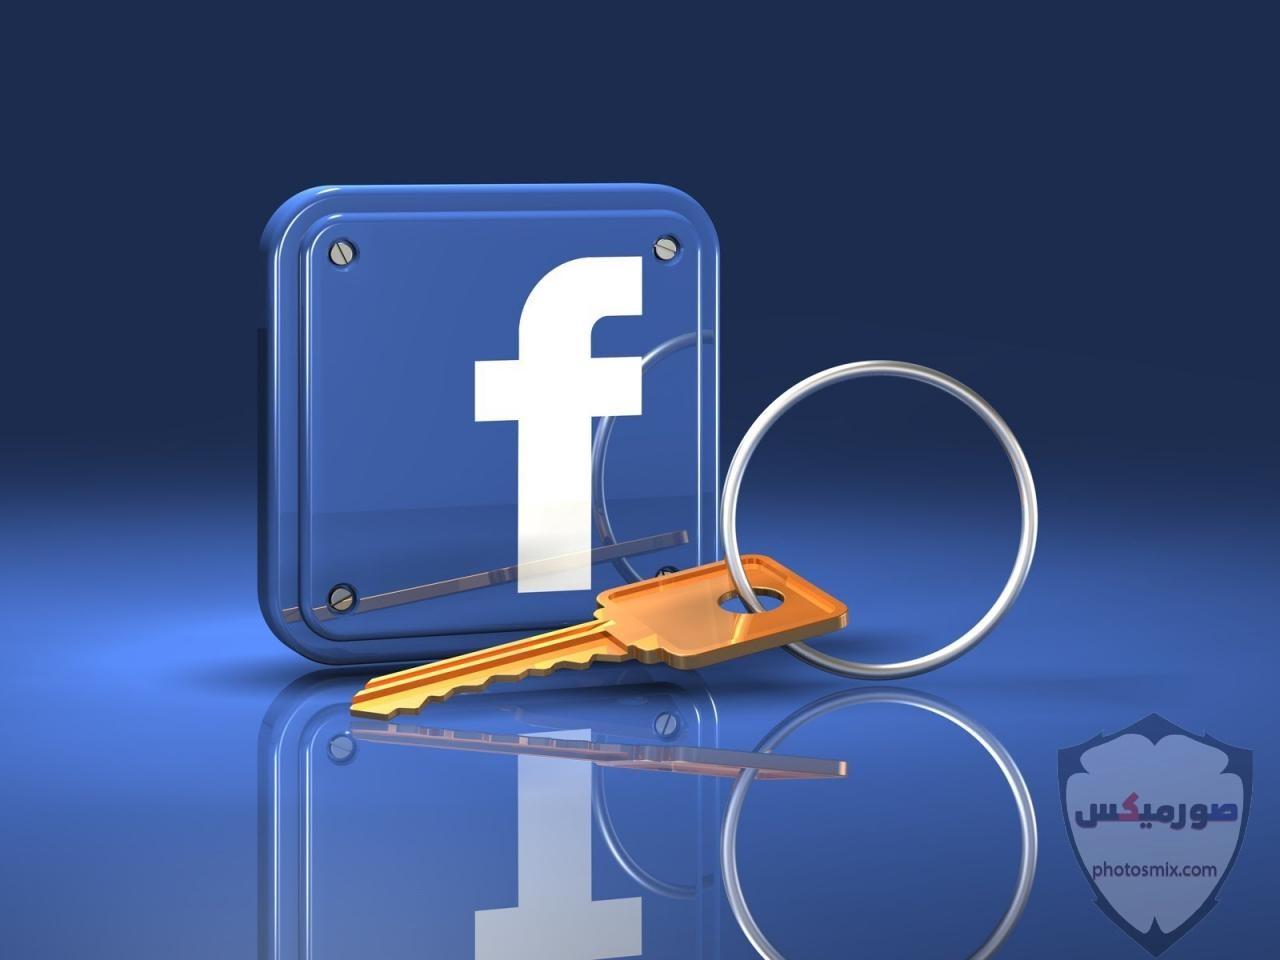 صور فيس بوك 2020 اجمل صور كفرات وبروفايل للفيسبوك اجمل خلفيات رومانسية 2021 59